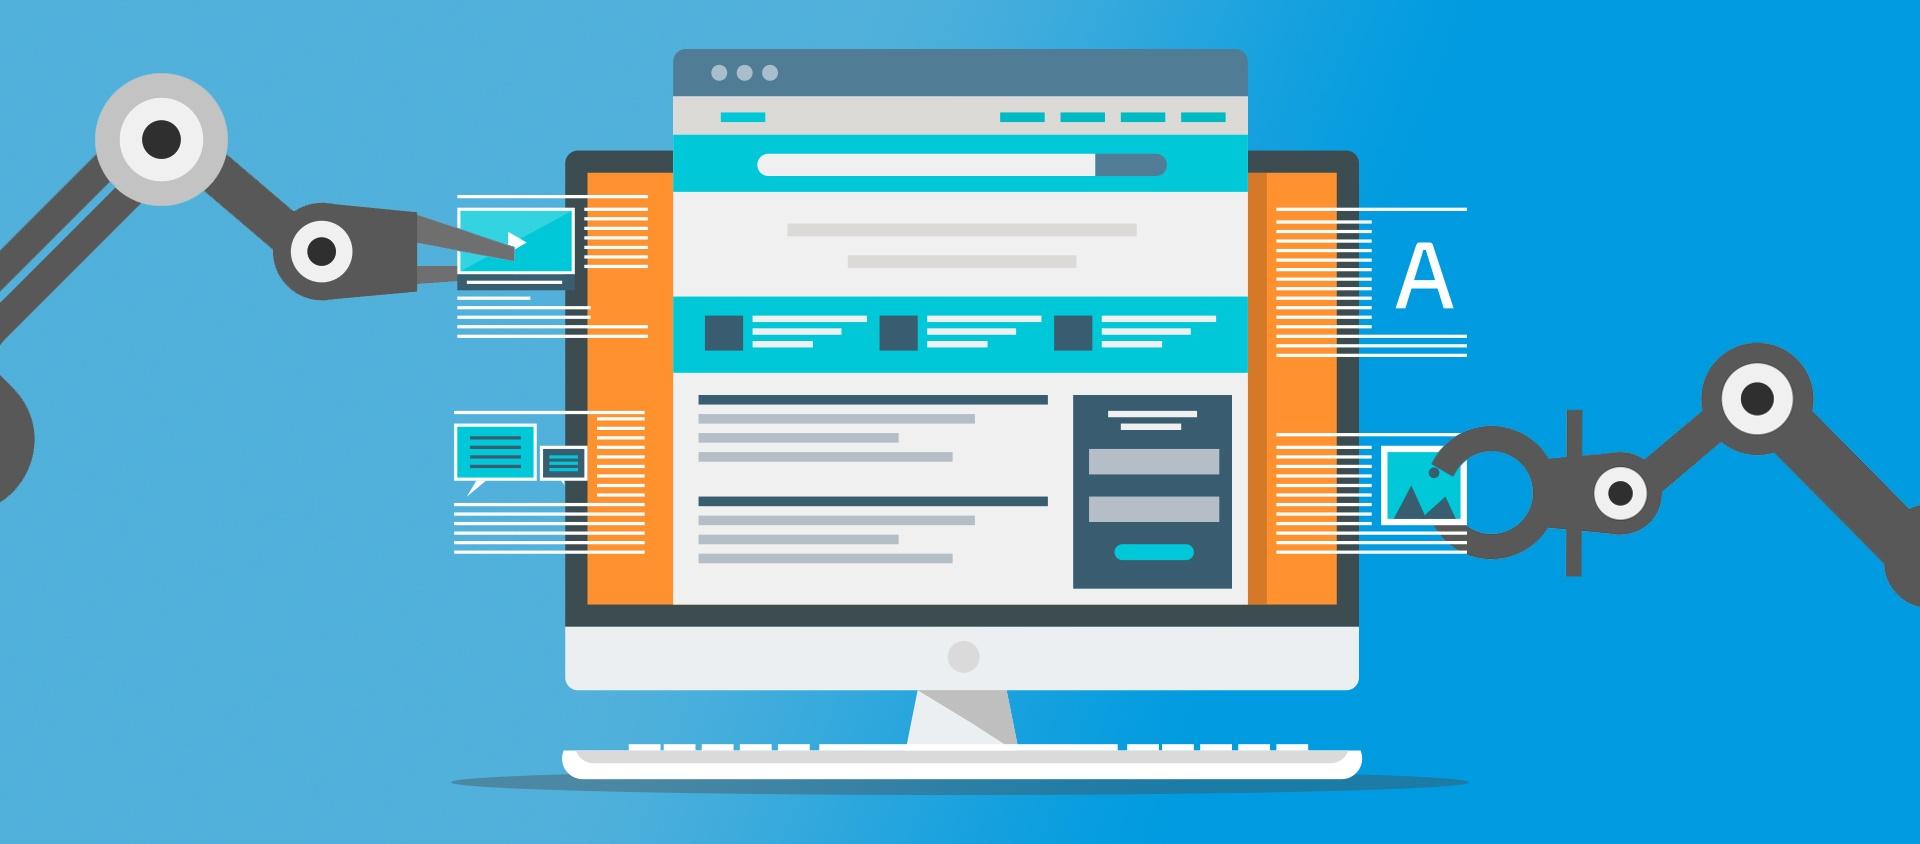 Mejora la experiencia del usuario con marketing de automatización